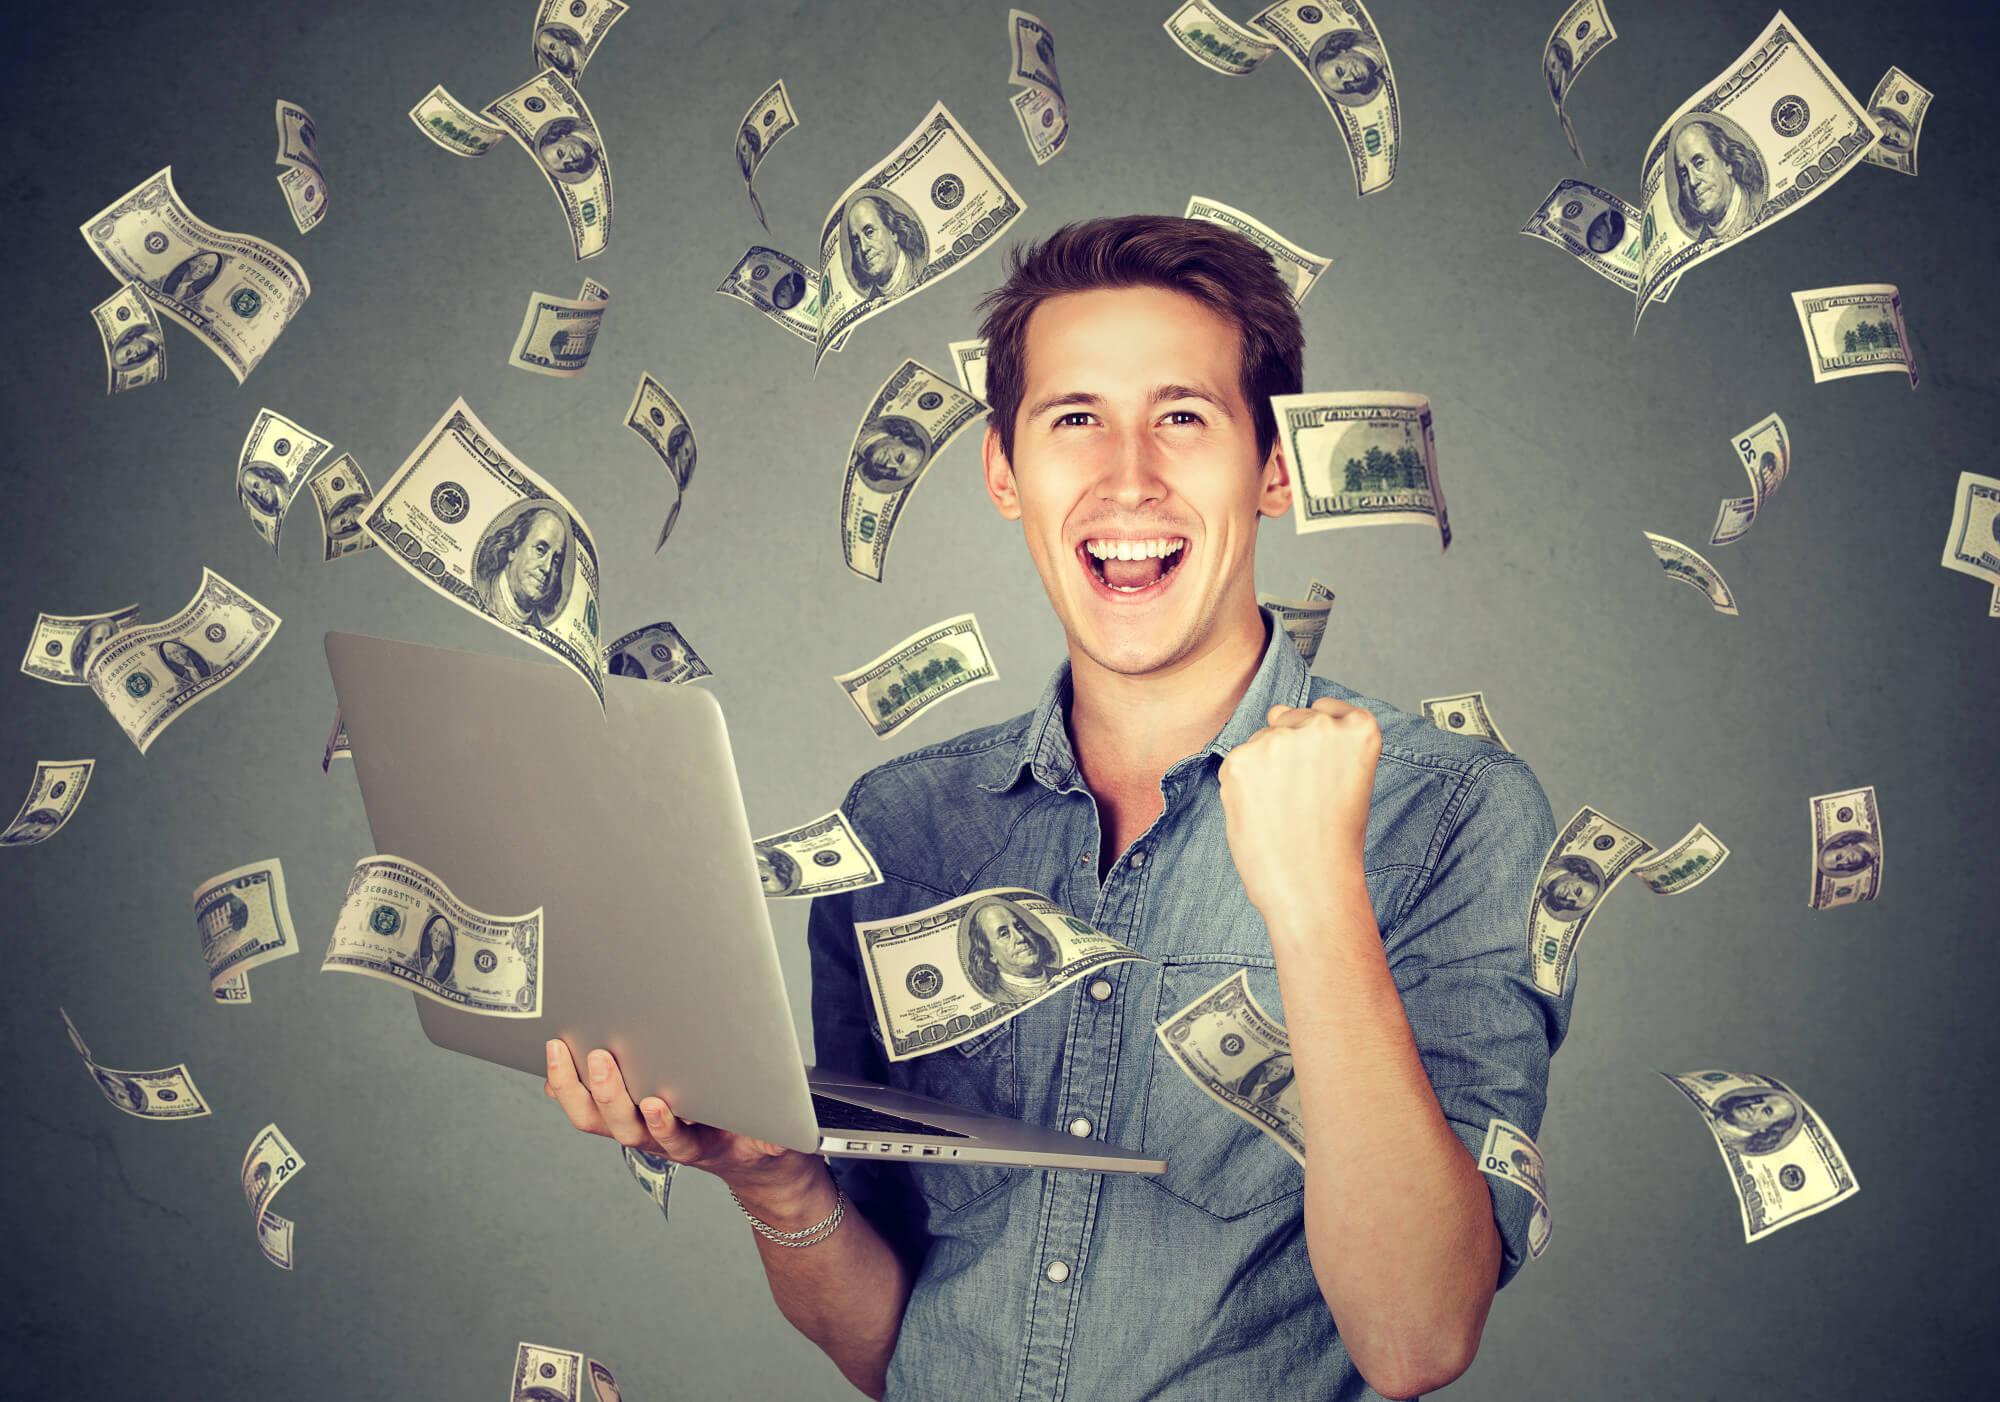 Как заработать 5 тысяч рублей в интернете: реальные методы